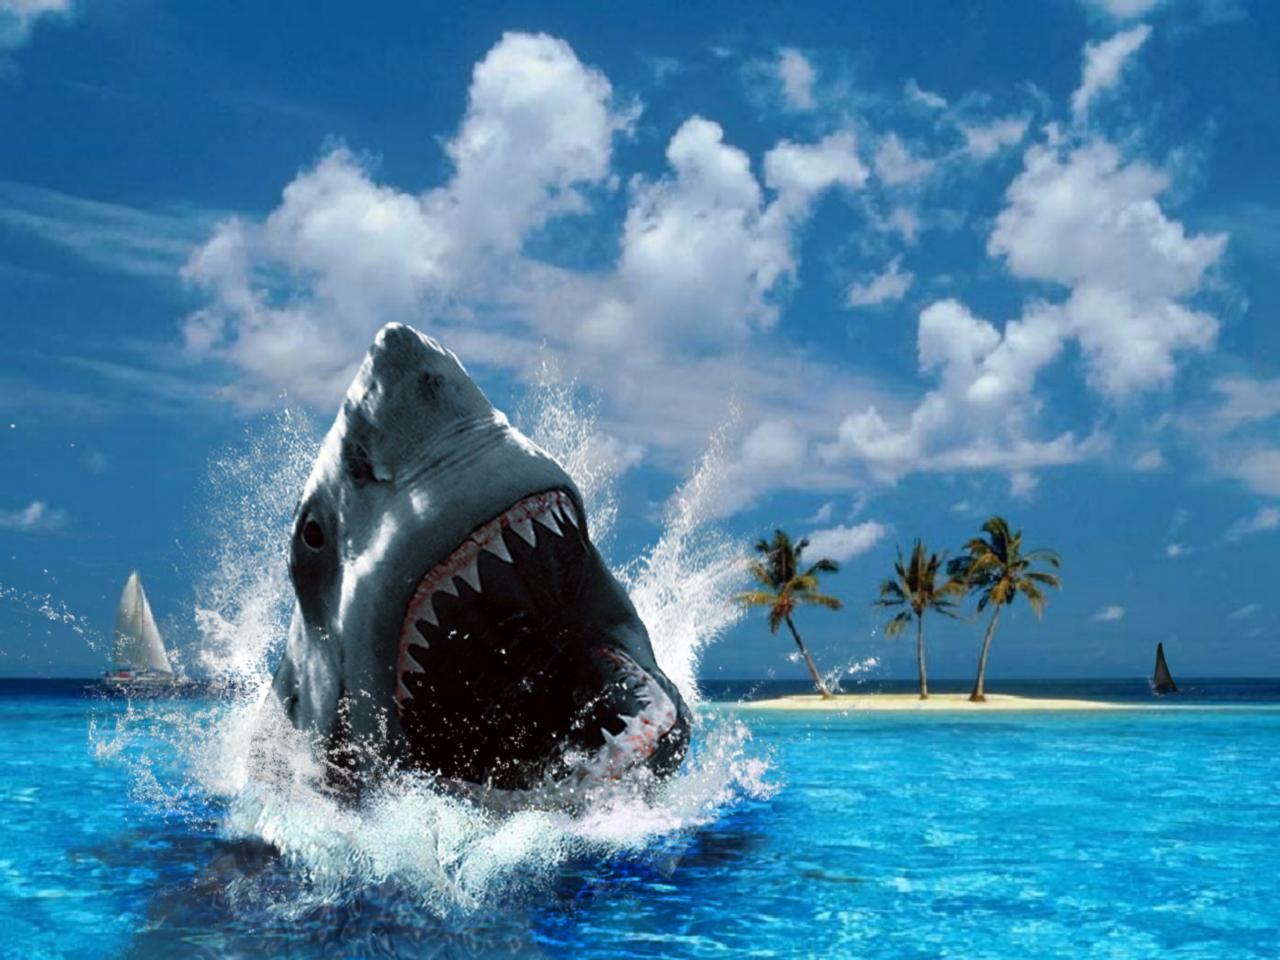 http://2.bp.blogspot.com/-eWtuC2F7NQ4/Tpu80_Z22qI/AAAAAAAAAA8/MNAdmI2F8P0/s1600/Sea%2BFish%2BWallpaper%2BHD.jpeg